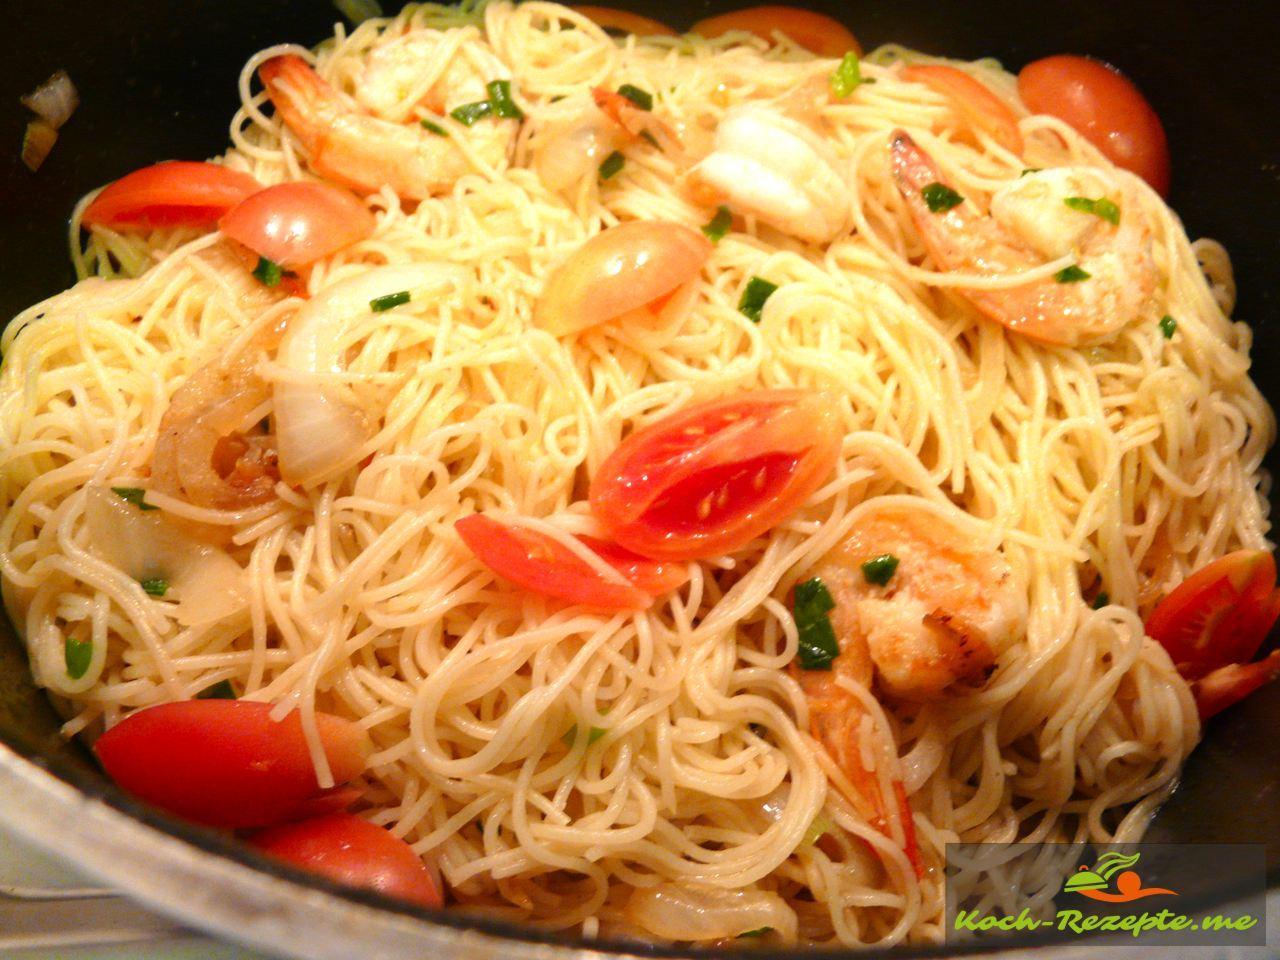 Fertige Spaghetti mit Frühlingszwiebelgrün und Tomaten vermischen